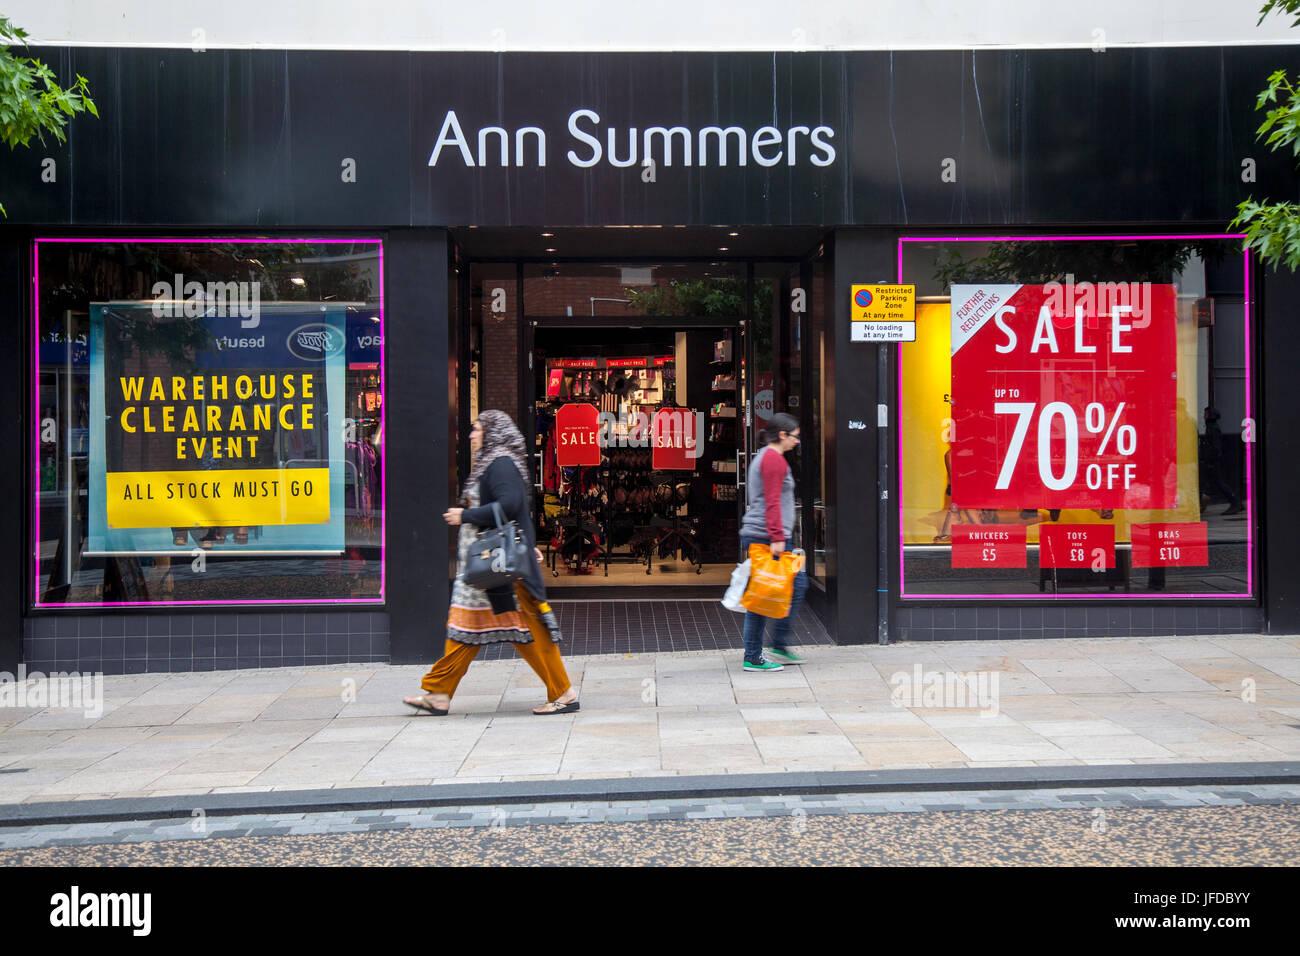 Leute, Ann Summers Shop vordere Lager Spiel Event Sommer Umsatz 70 ...